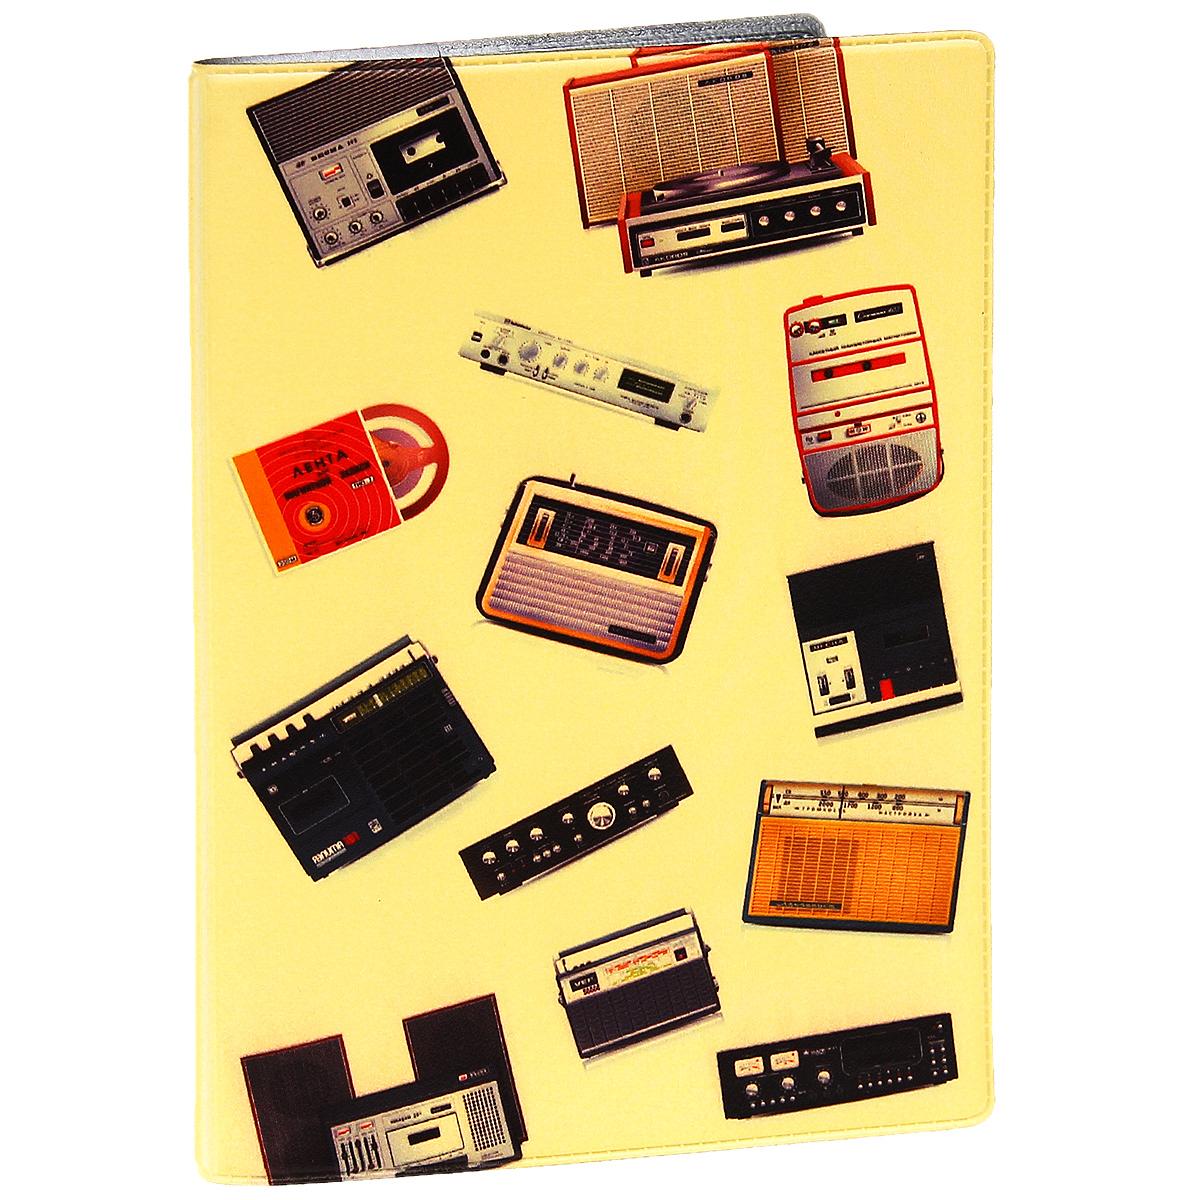 Обложка для паспорта Радиоприемники. OZAM27954019-1-44# RedОбложка для паспорта Mitya Veselkov Радиоприемники выполнена из прочного ПВХ и оформлена изображением звуковой аппаратуры. Такая обложка не только поможет сохранить внешний вид ваших документов и защитит их от повреждений, но и станет стильным аксессуаром, идеально подходящим вашему образу.Яркая и оригинальная обложка подчеркнет вашу индивидуальность и изысканный вкус. Обложка для паспорта стильного дизайна может быть достойным и оригинальным подарком.